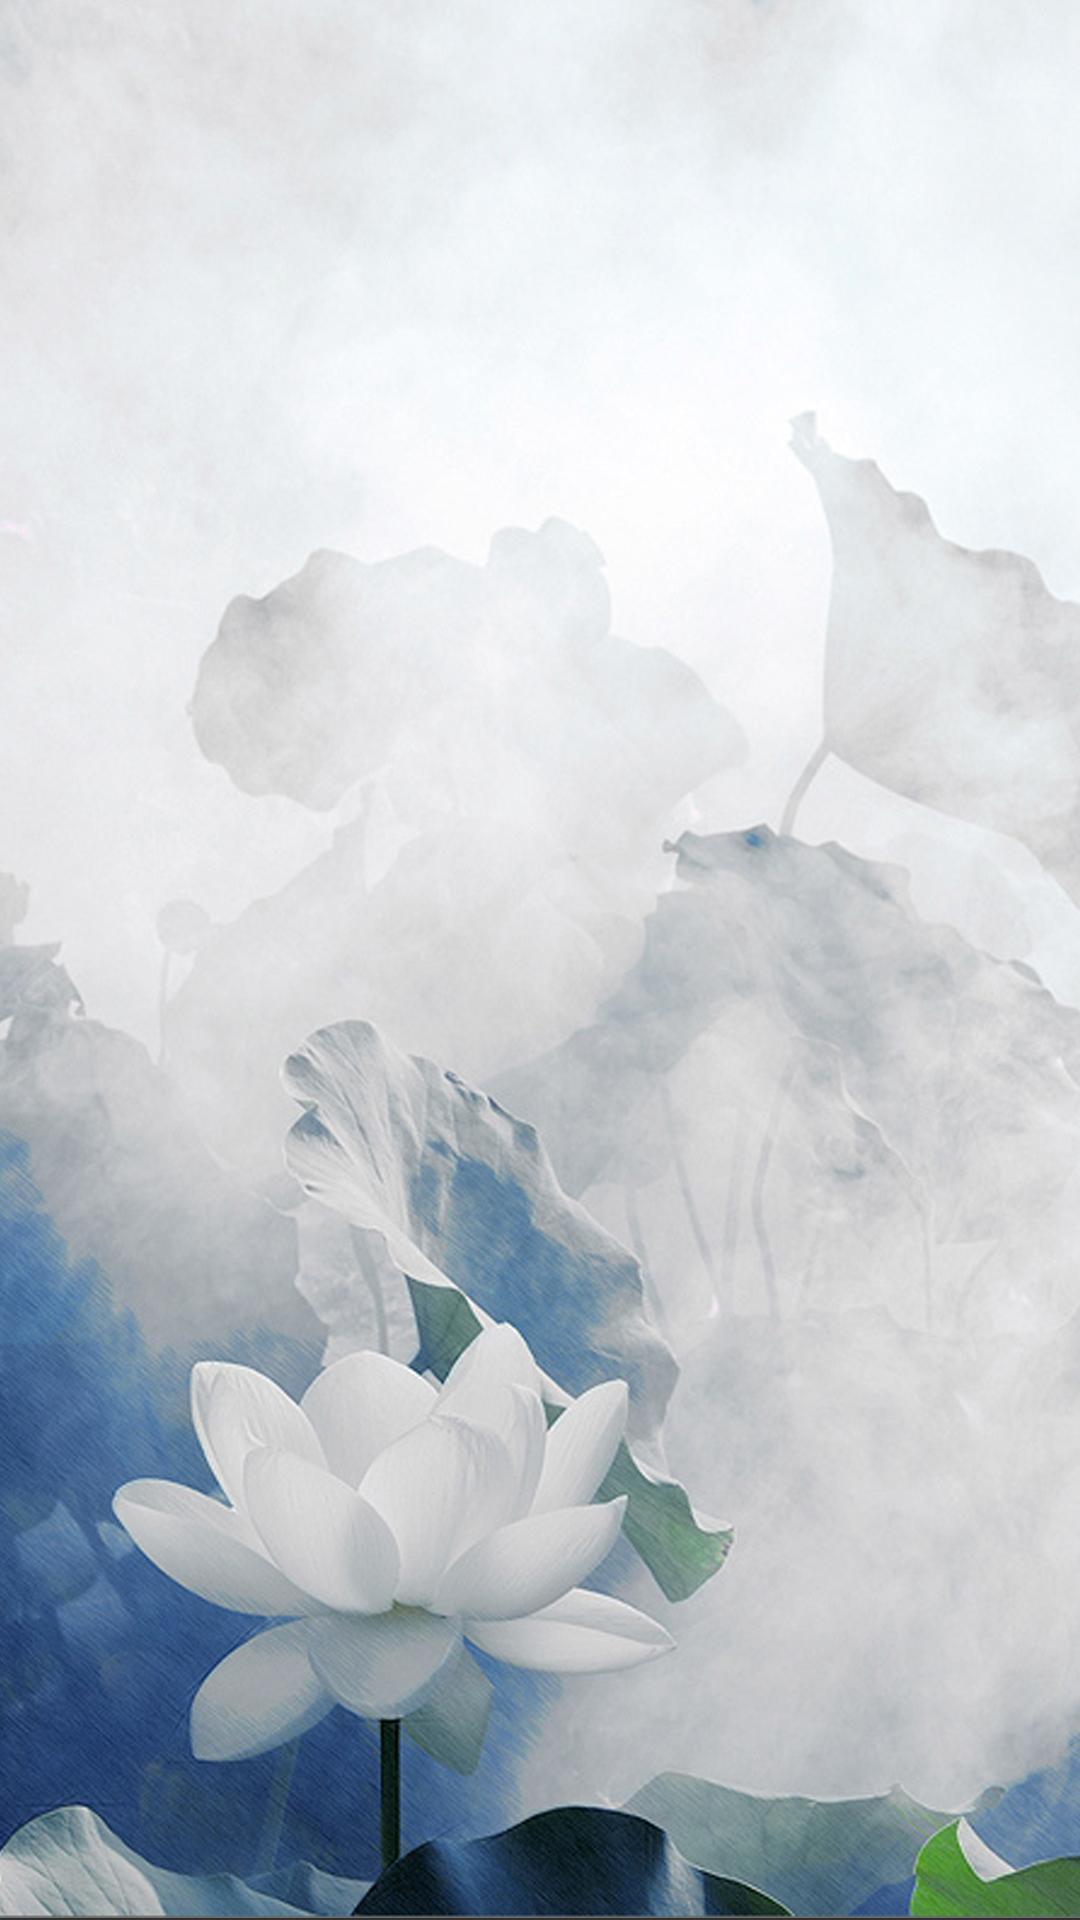 Lotus Lotus Leaf H5 Smoke Background Lotus Leaf Lotus Smoke